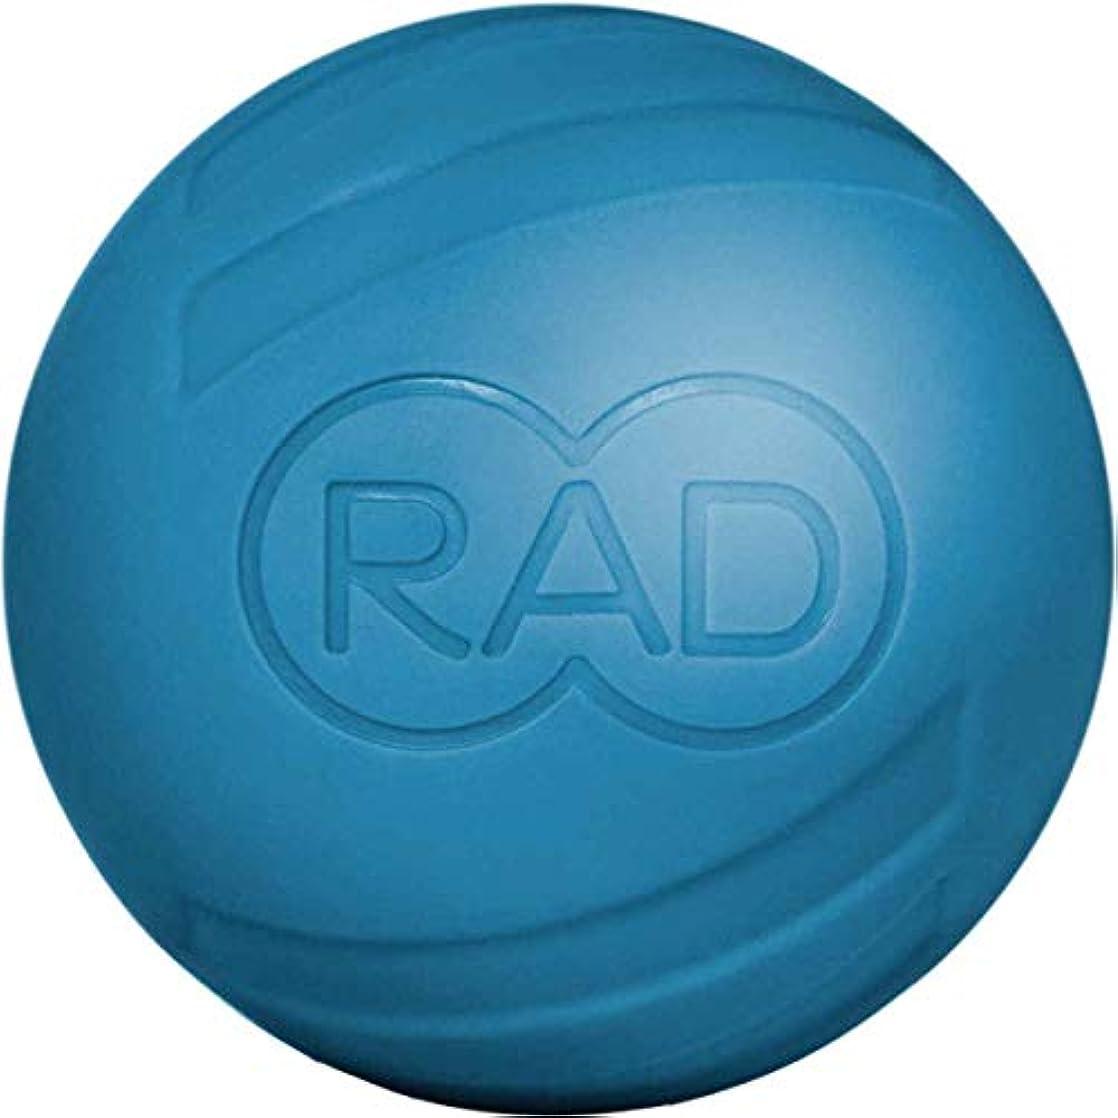 麻酔薬地上の重力RAD アトム 高密度筋膜リリースツール セルフマッサージで可動性と回復を促します